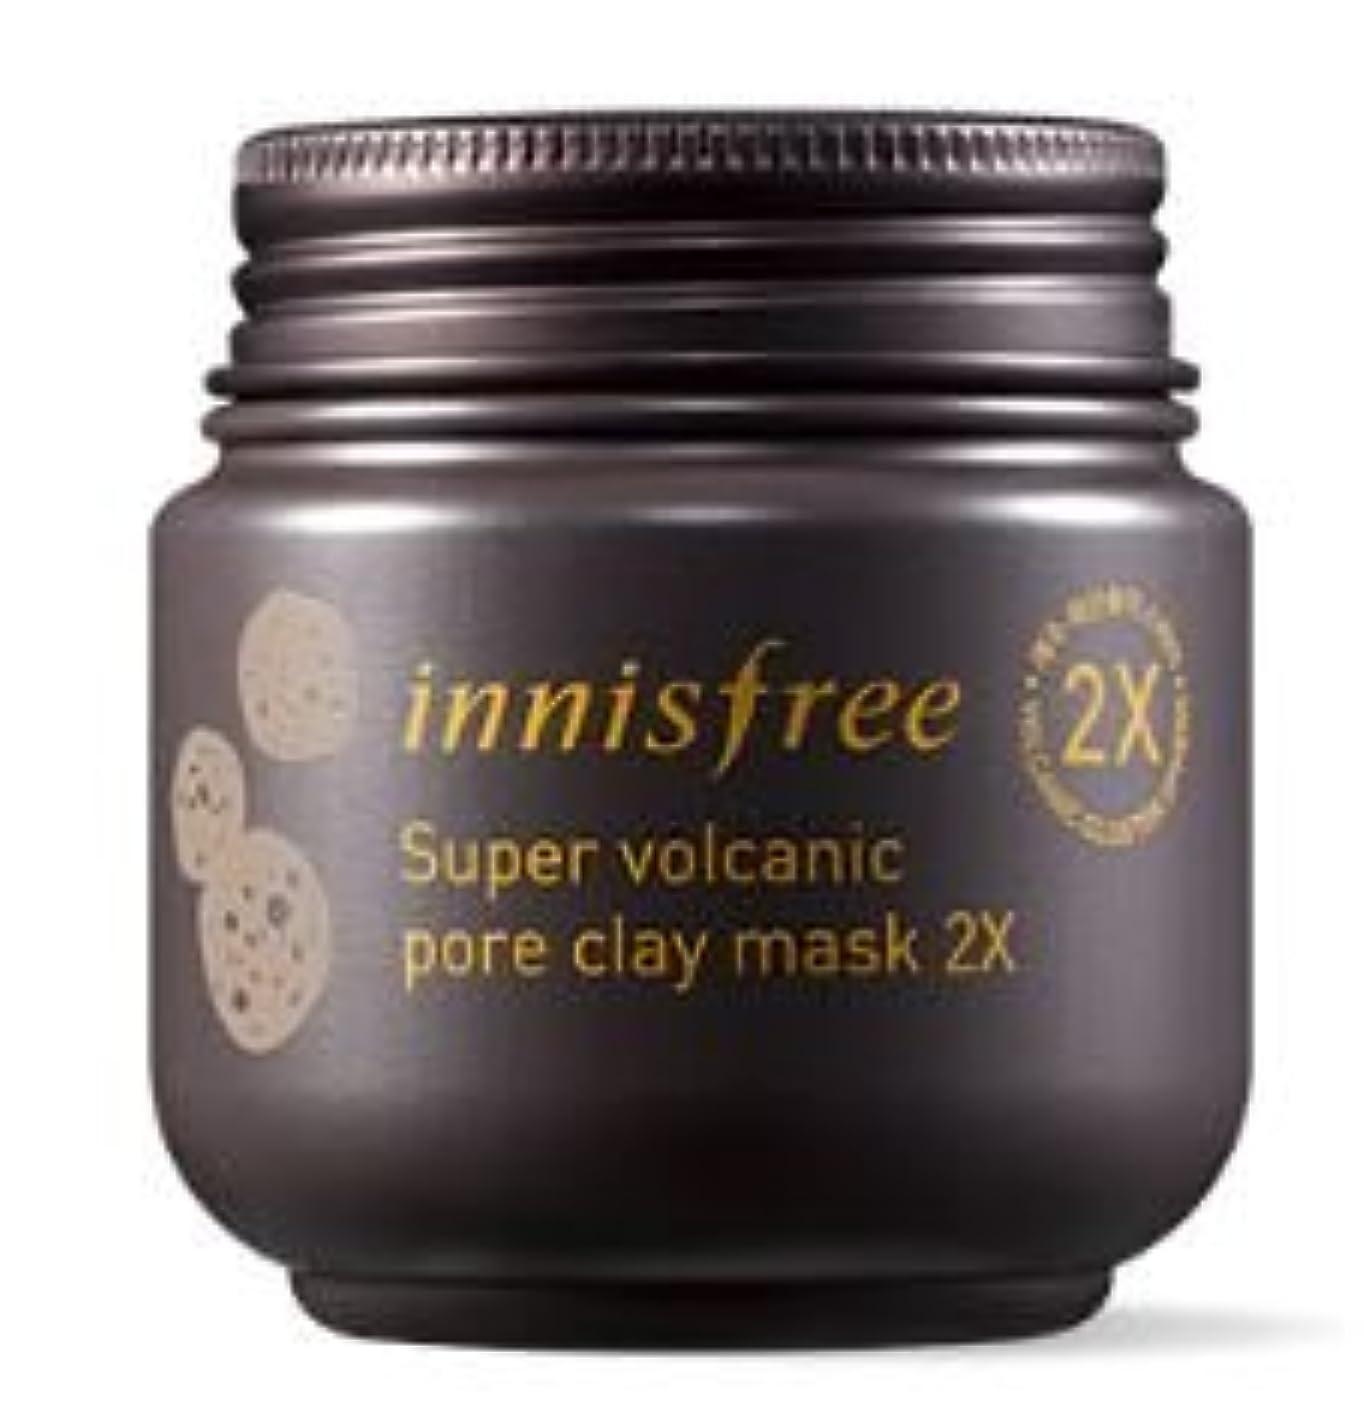 適切なより多い飢えた★NEW★[innisfree] Super Volcanic Pore Clay Mask 2x 100ml [並行輸入品]